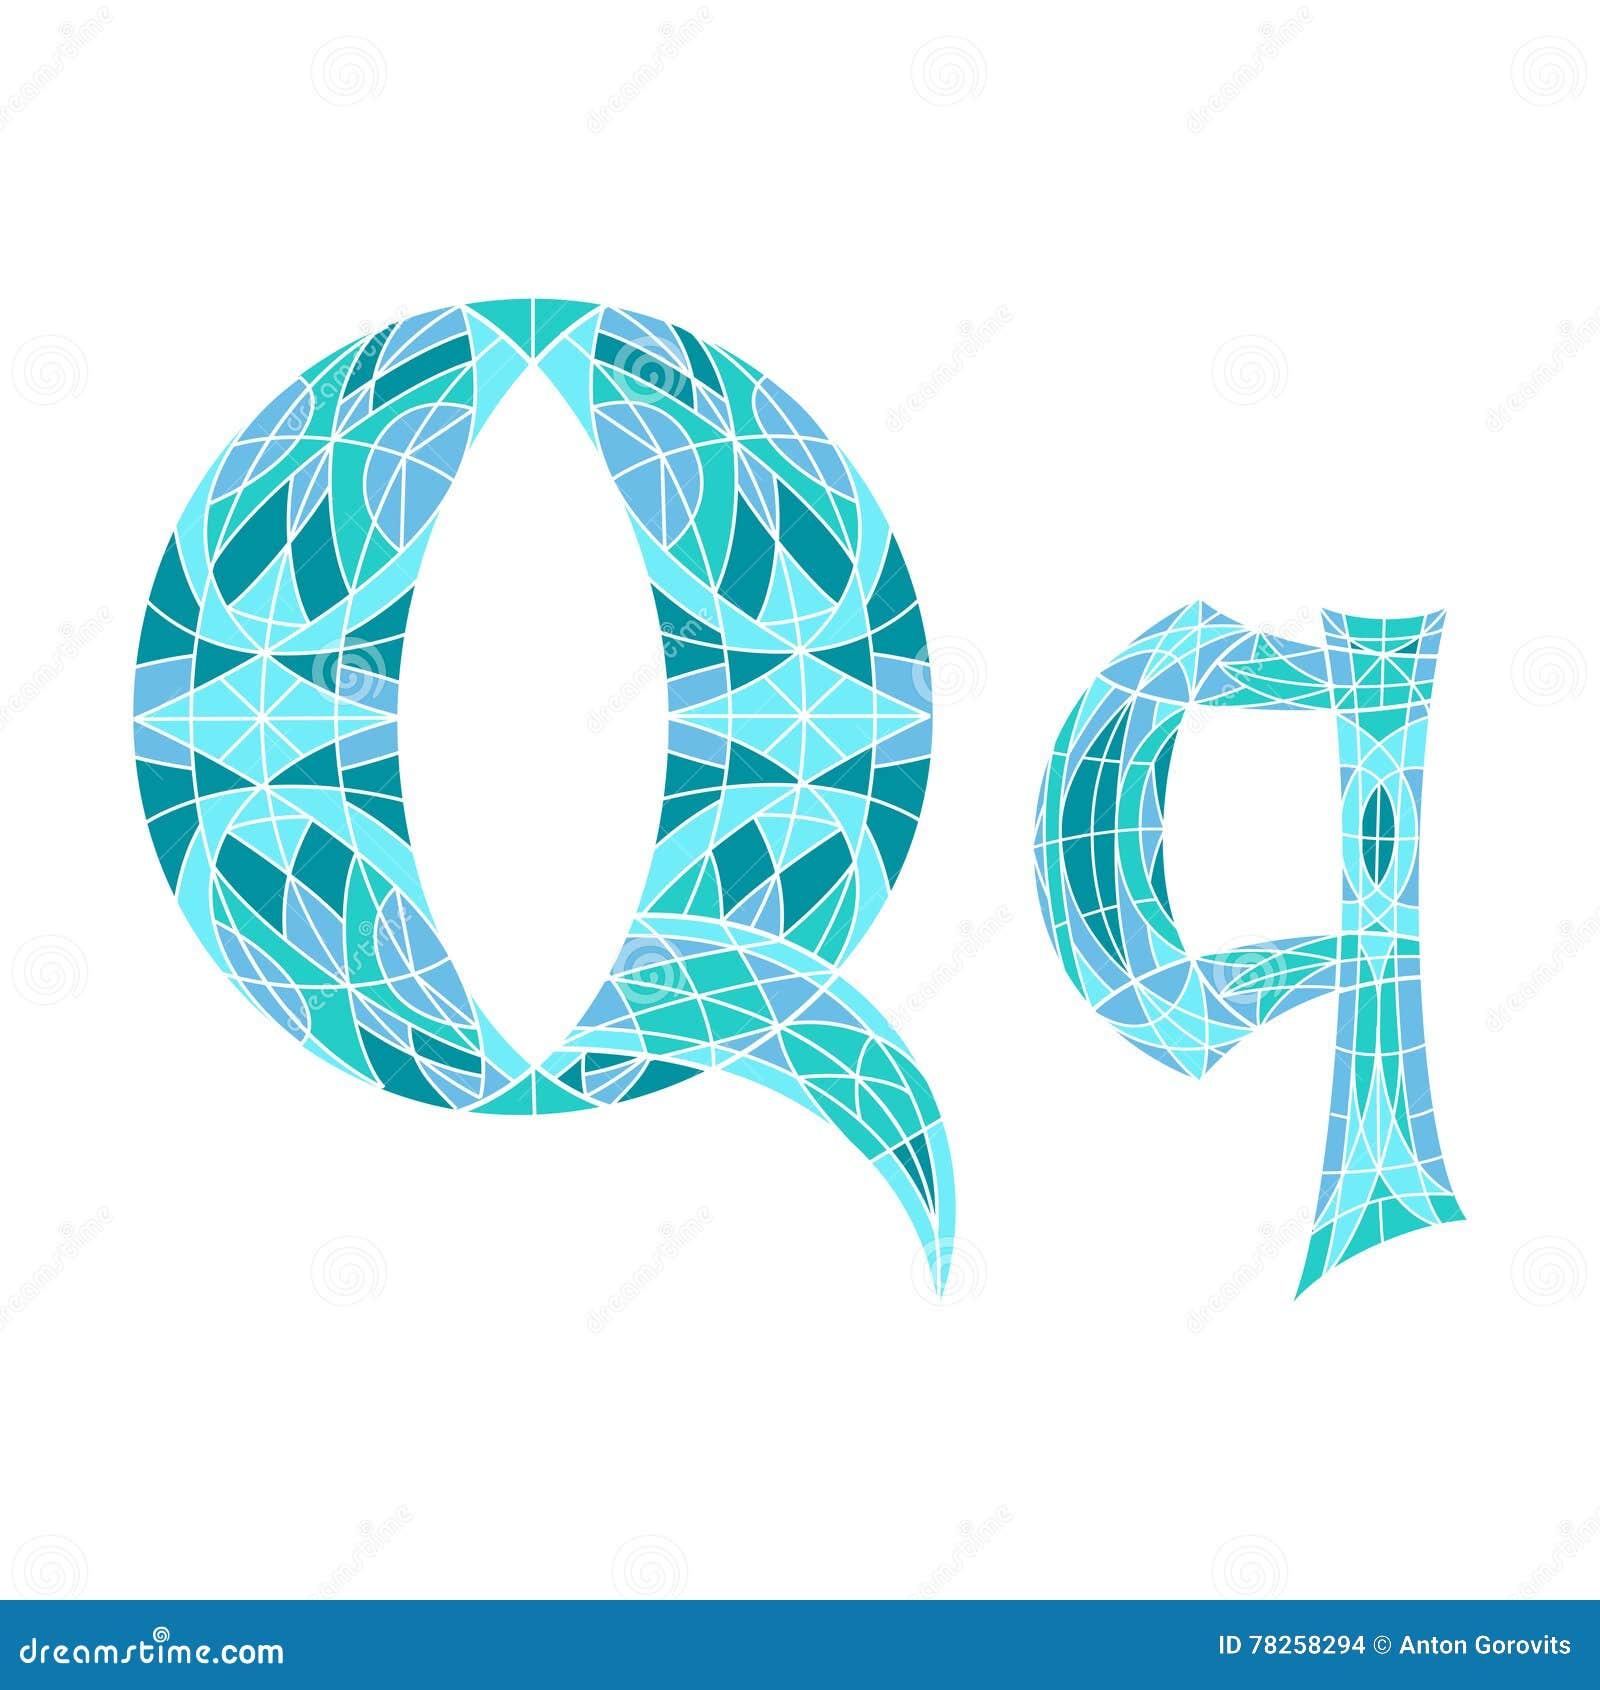 Χαμηλό πολυ γράμμα Q στο μπλε πολύγωνο μωσαϊκών